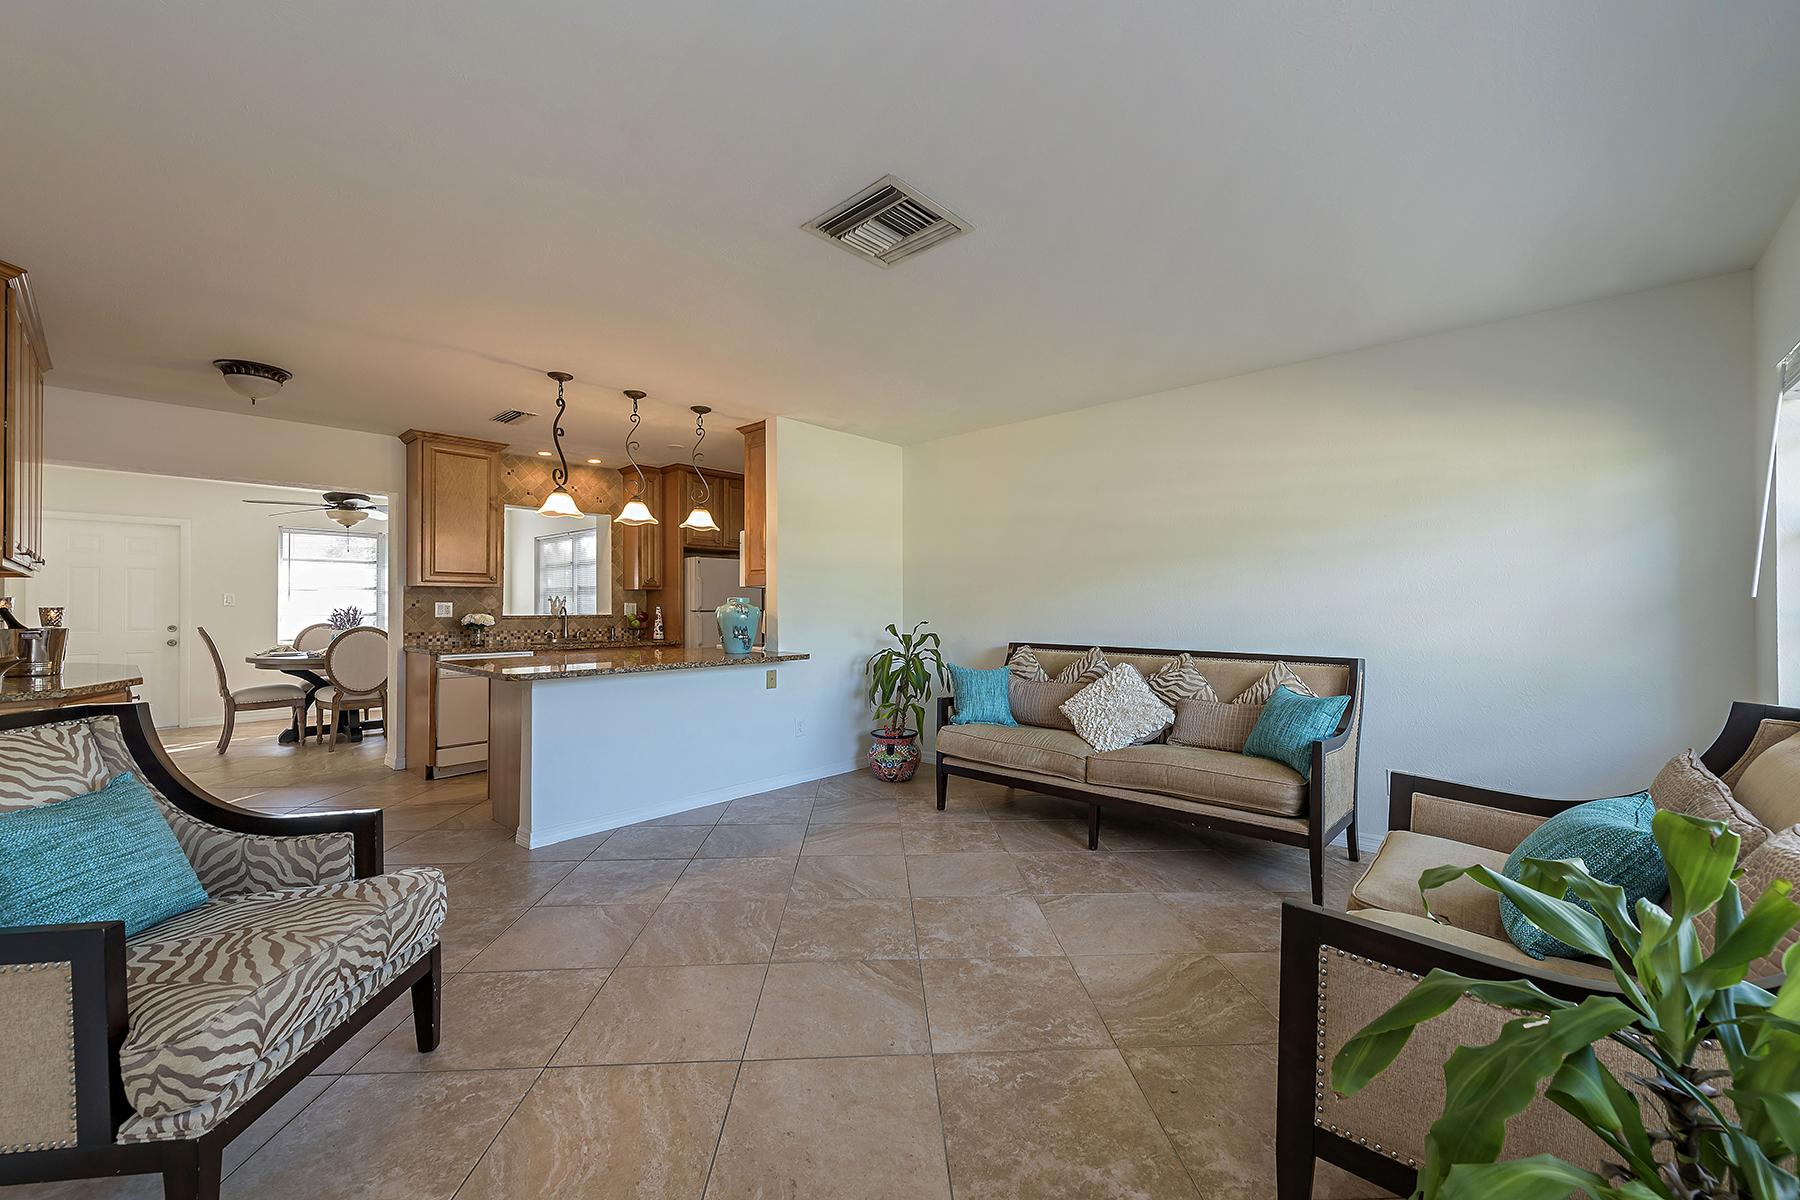 独户住宅 为 销售 在 HILLTOP 1264 Hilltop Dr, 那不勒斯, 佛罗里达州, 34103 美国